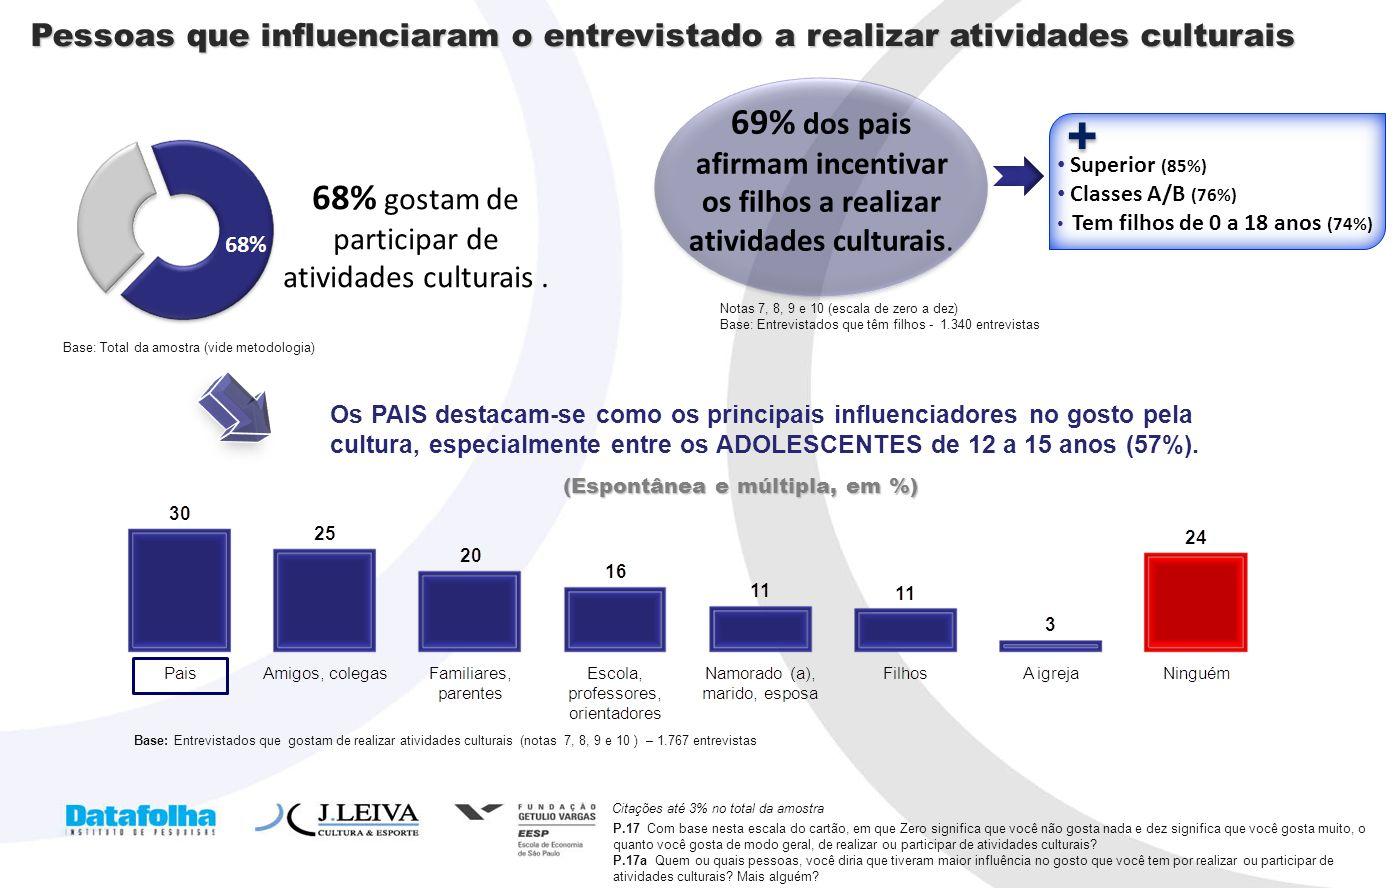 68% gostam de participar de atividades culturais .